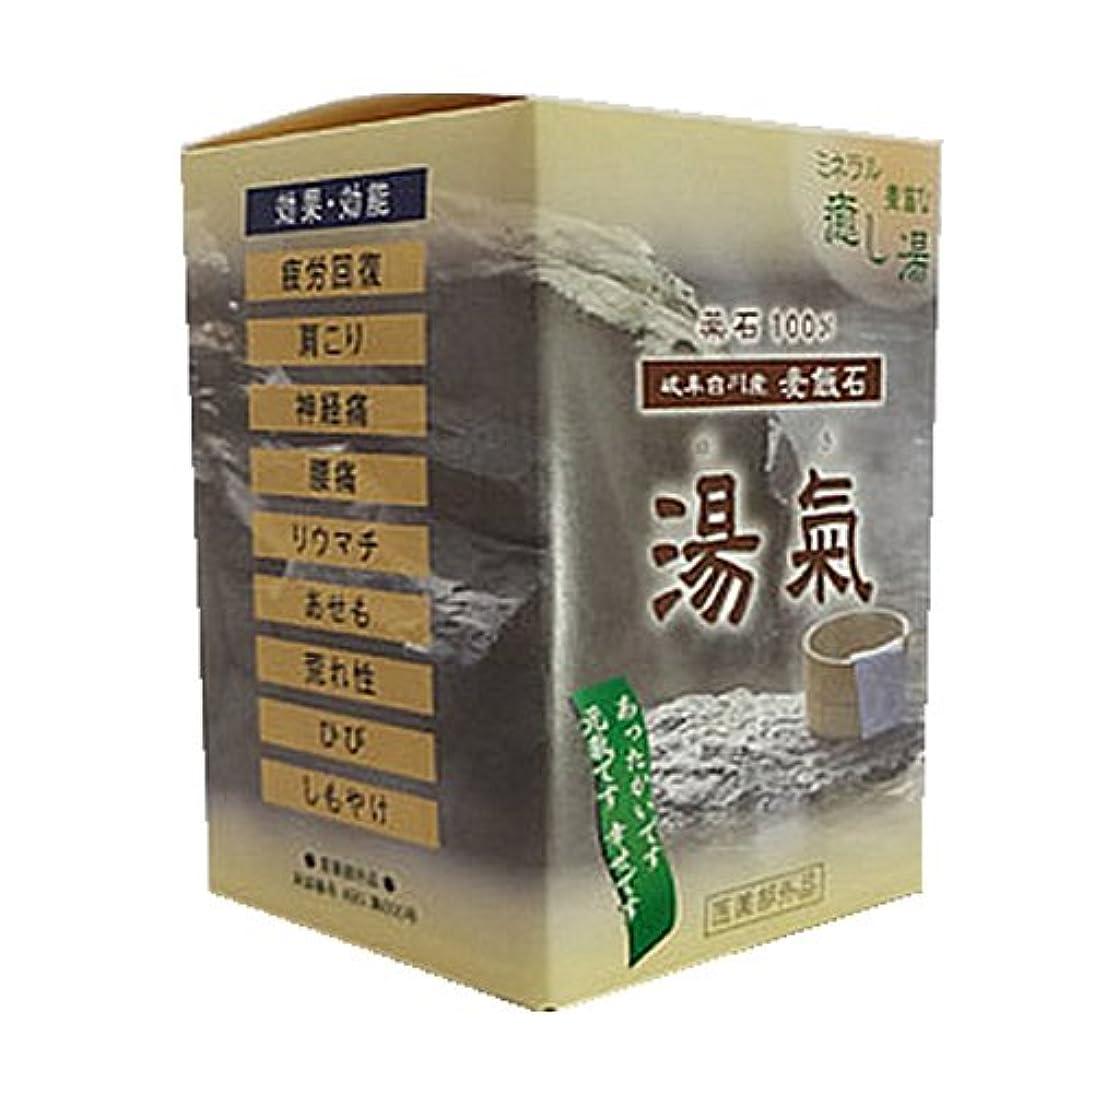 気を散らす驚いた受粉者医薬部外品 岐阜白川産麦飯石 湯気(ゆき) K11781